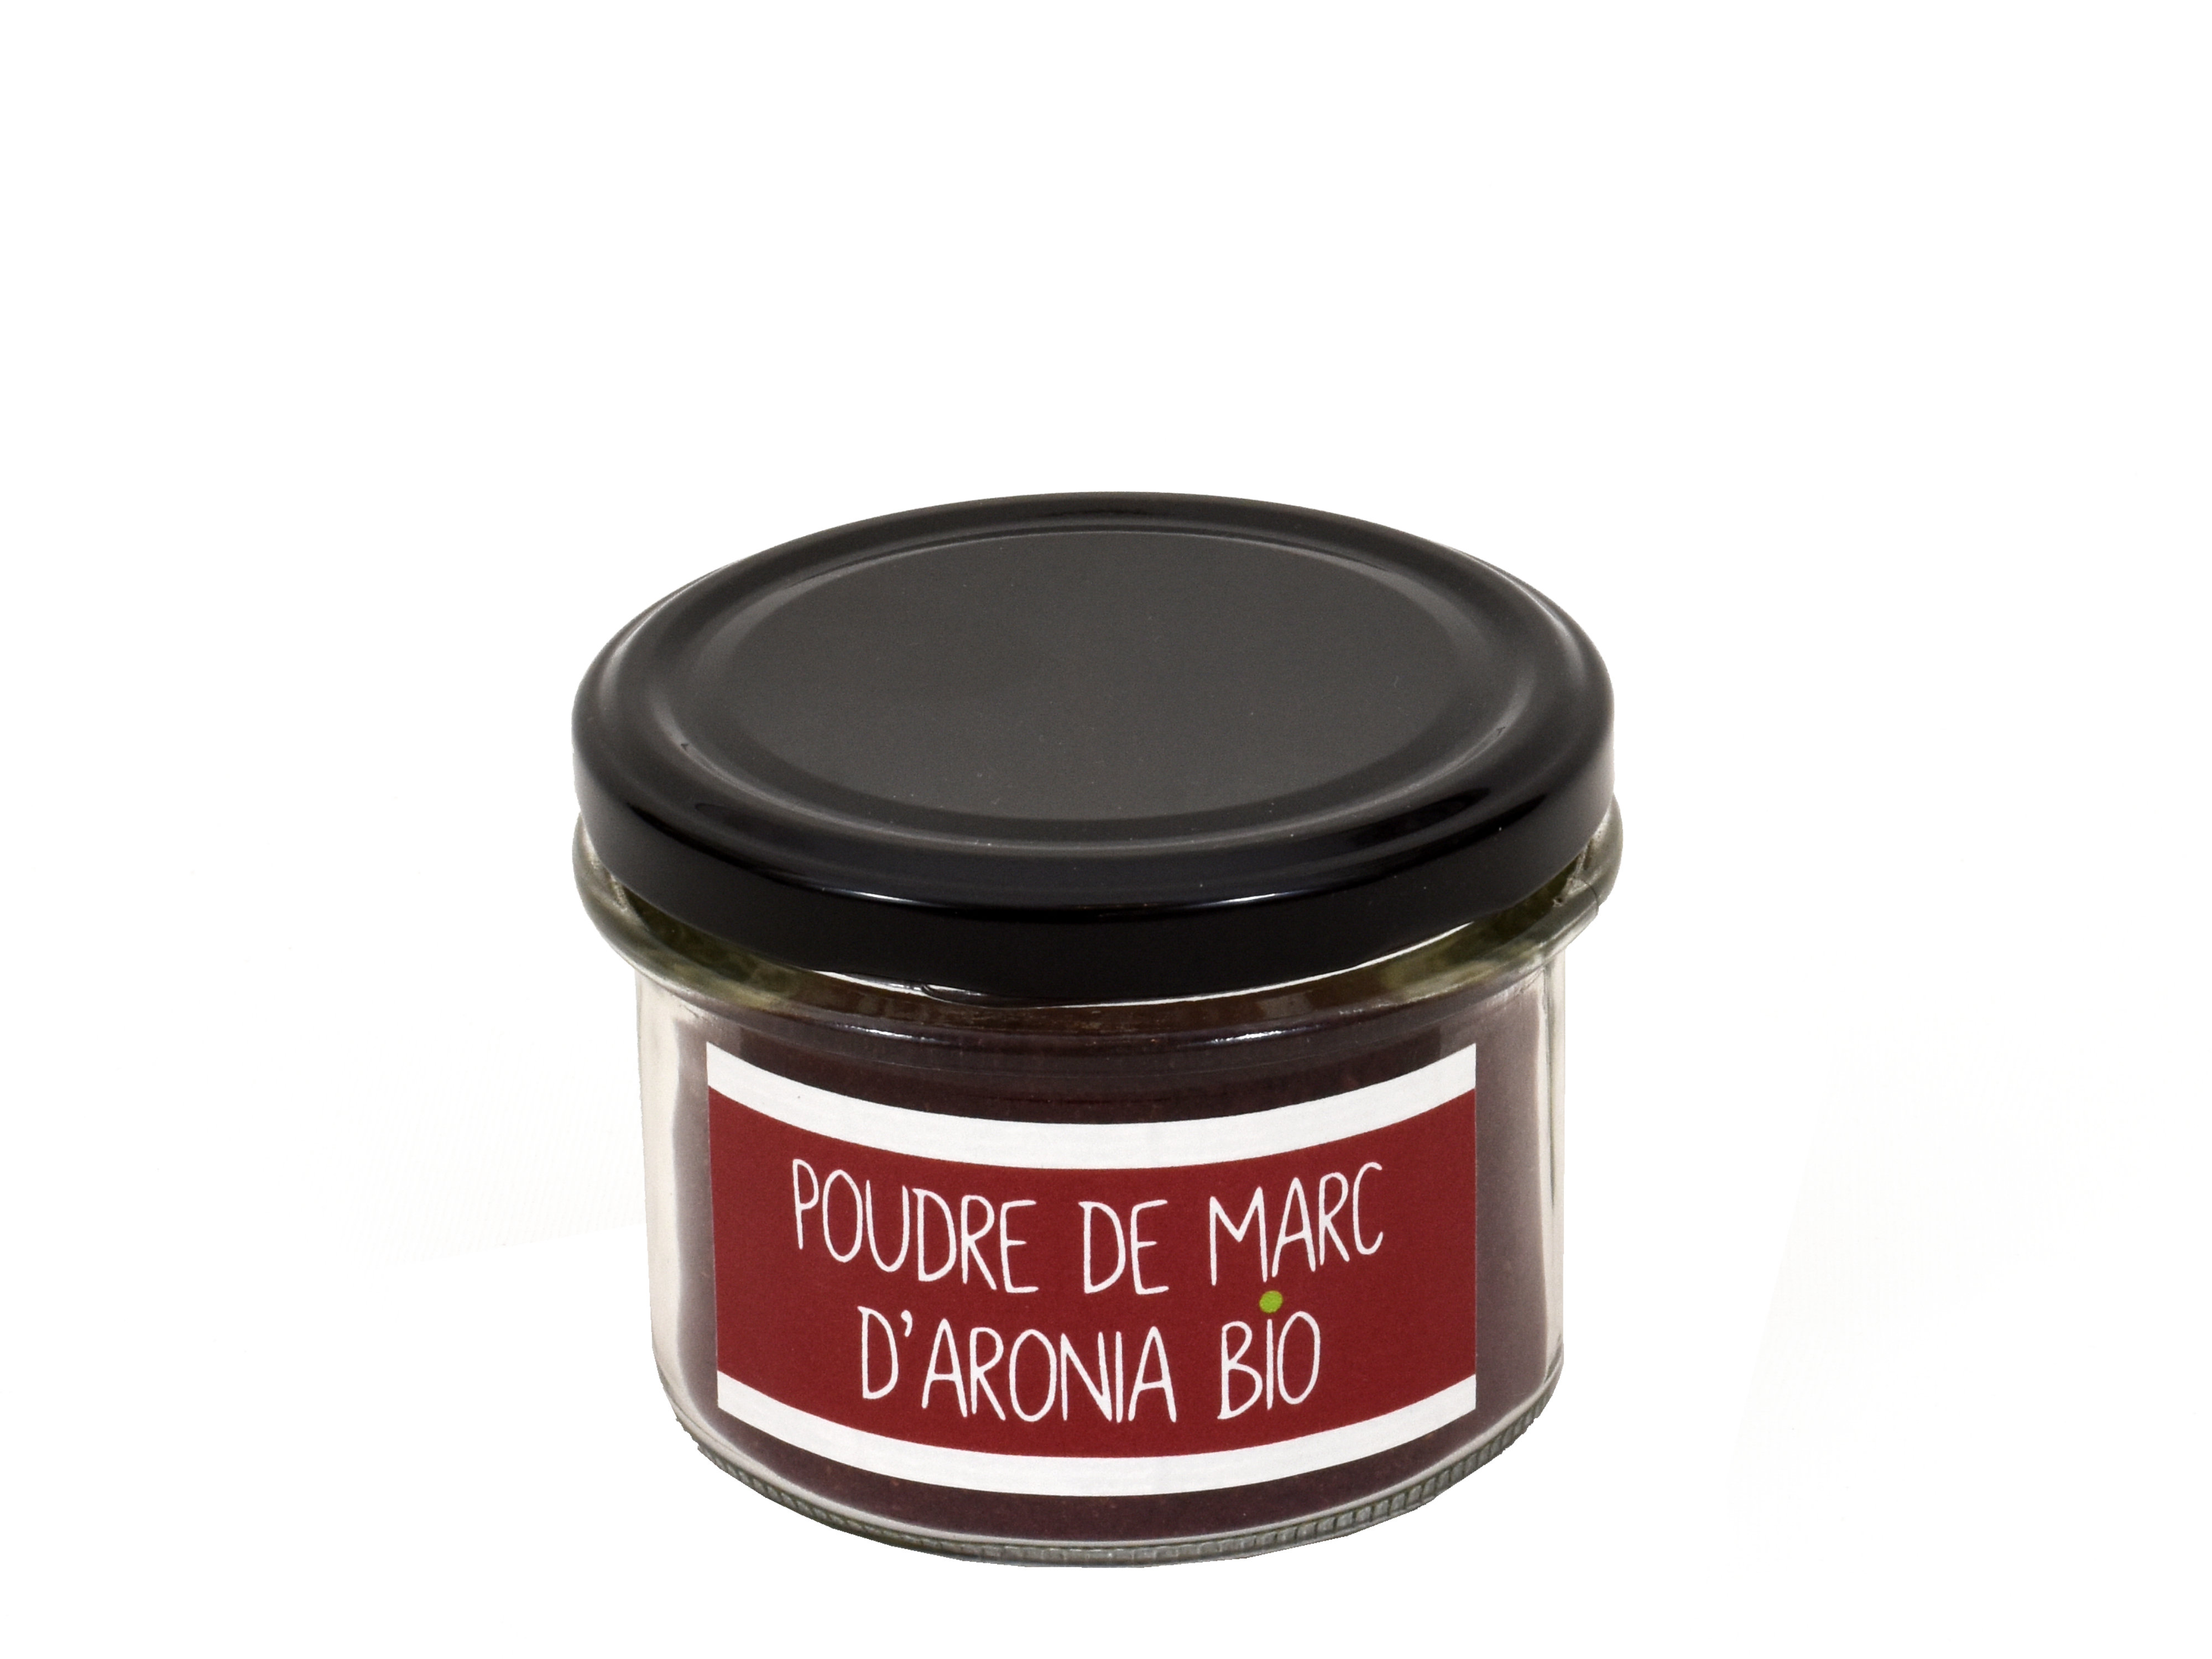 Poudre de marc d'aronia, 100 g